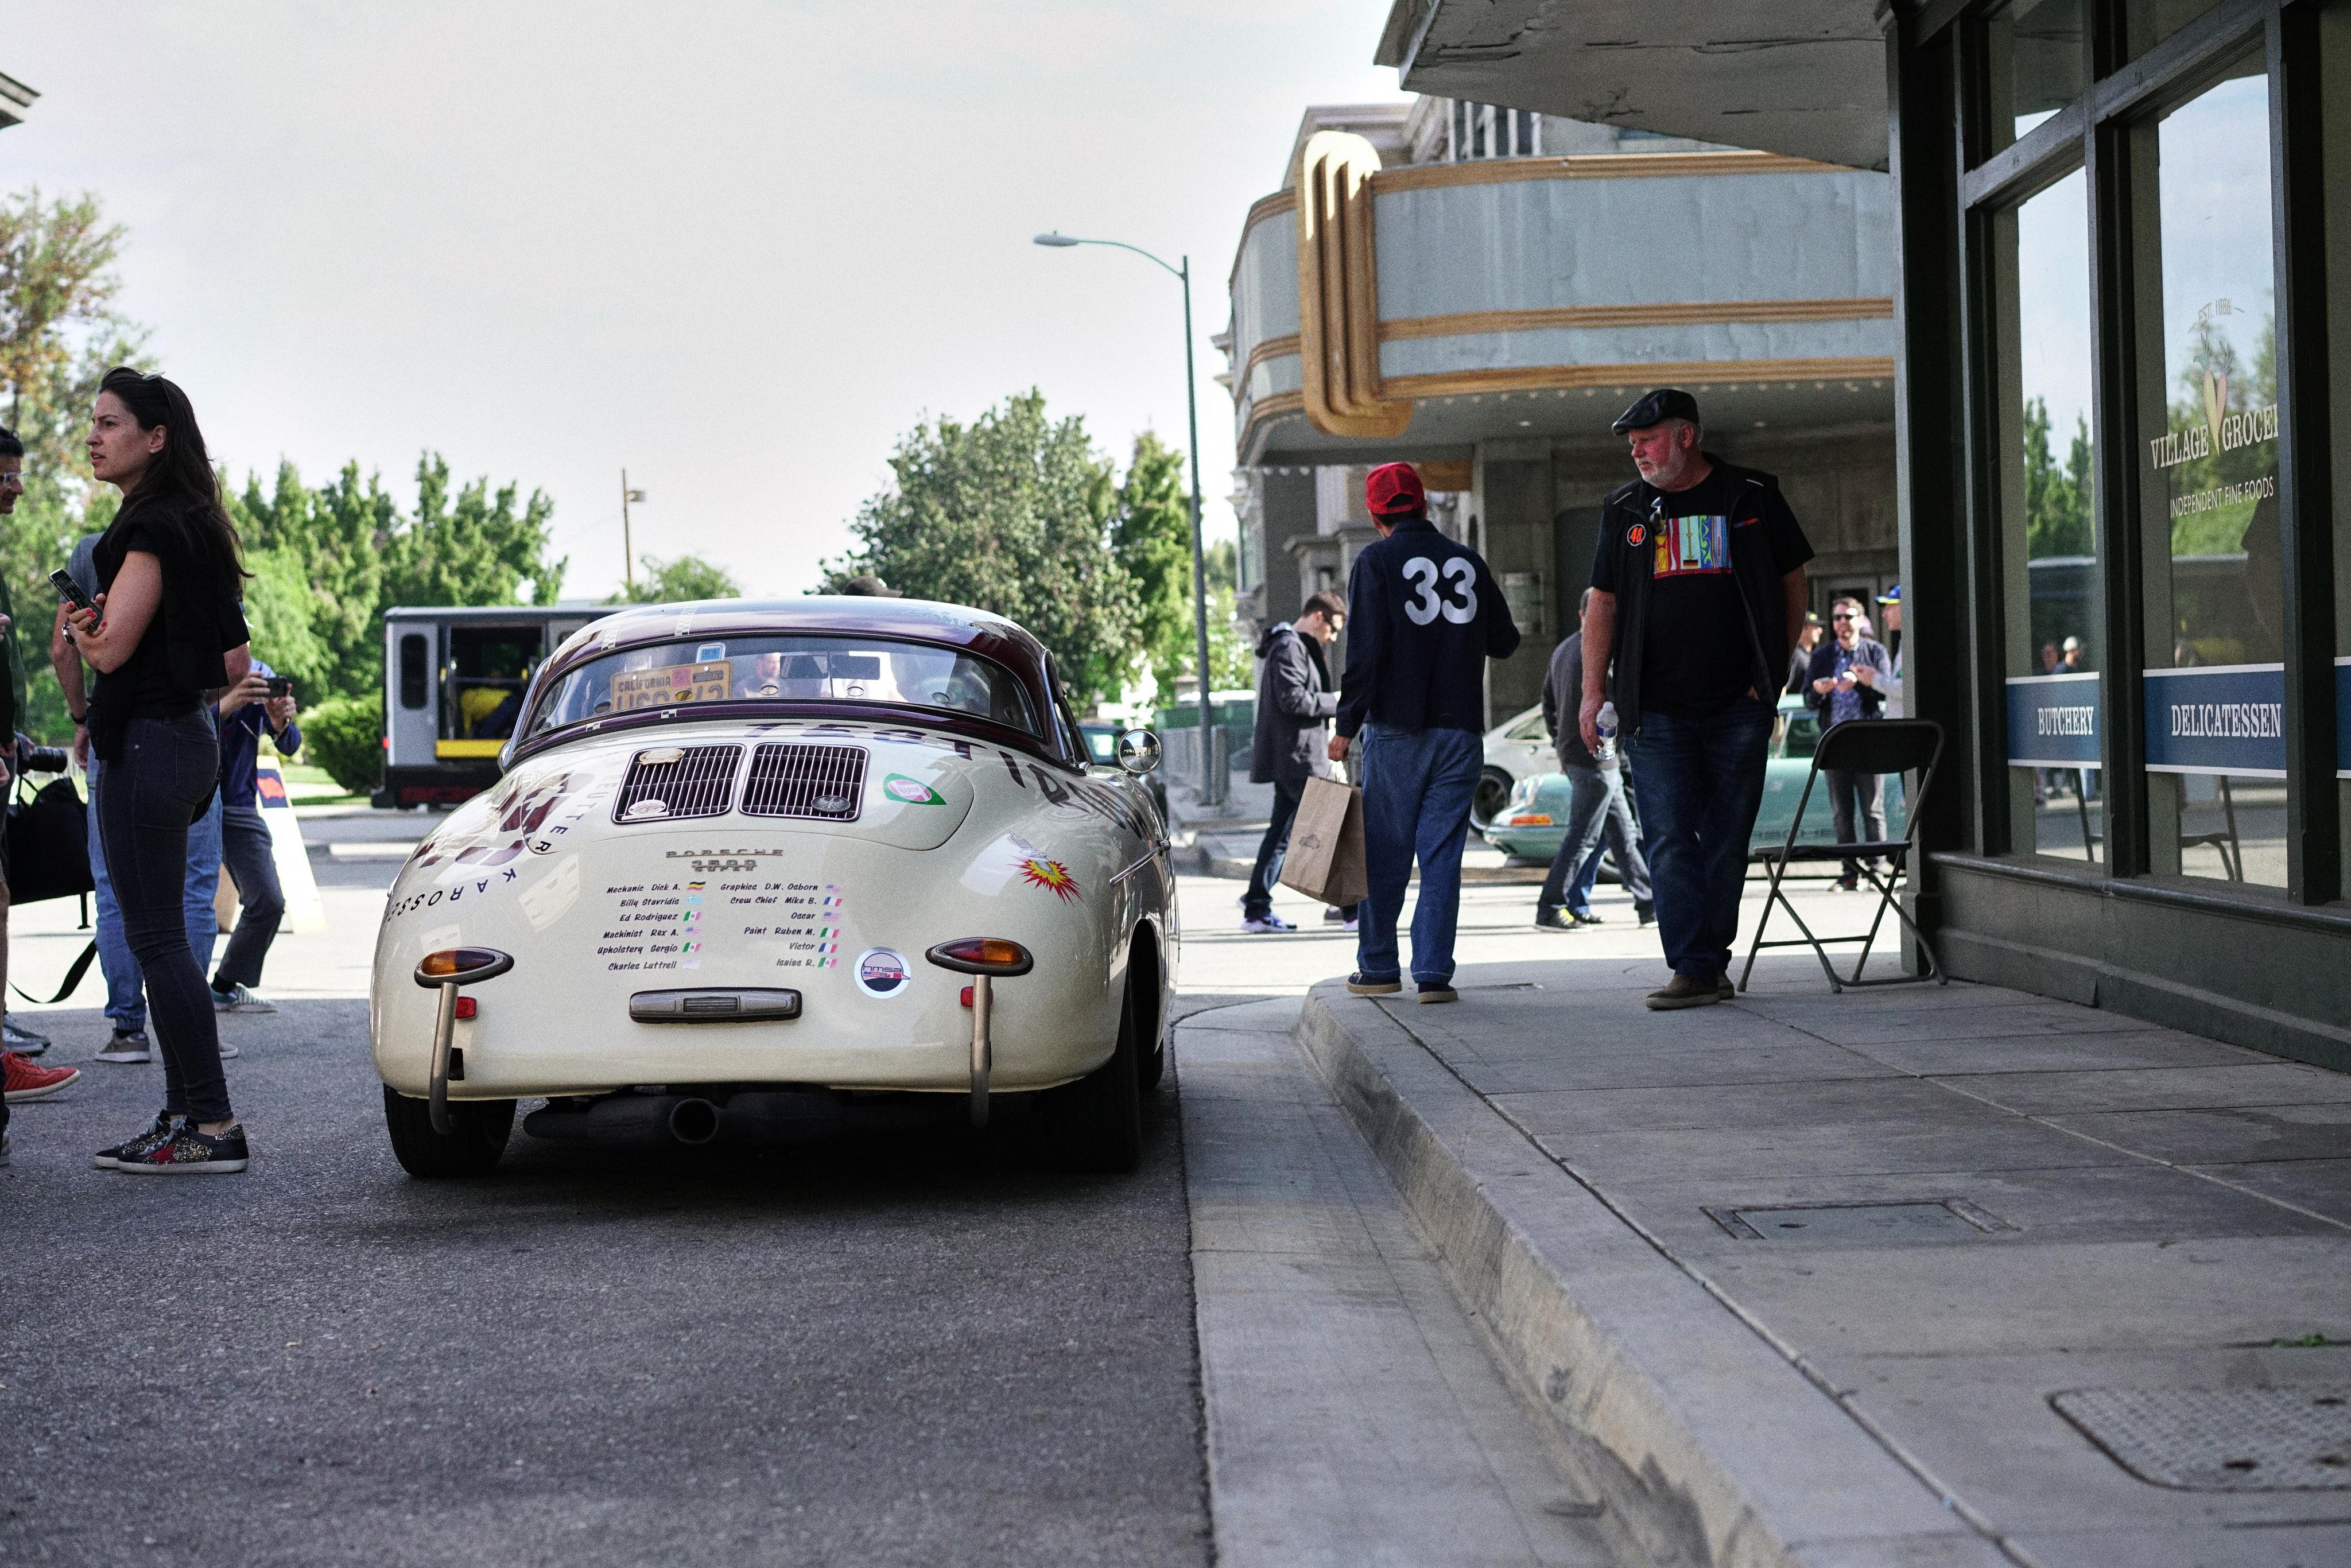 Luftgekühlt-6-Rennen-30-Porsche-356-1957-Testirosa-Speedster-Rear